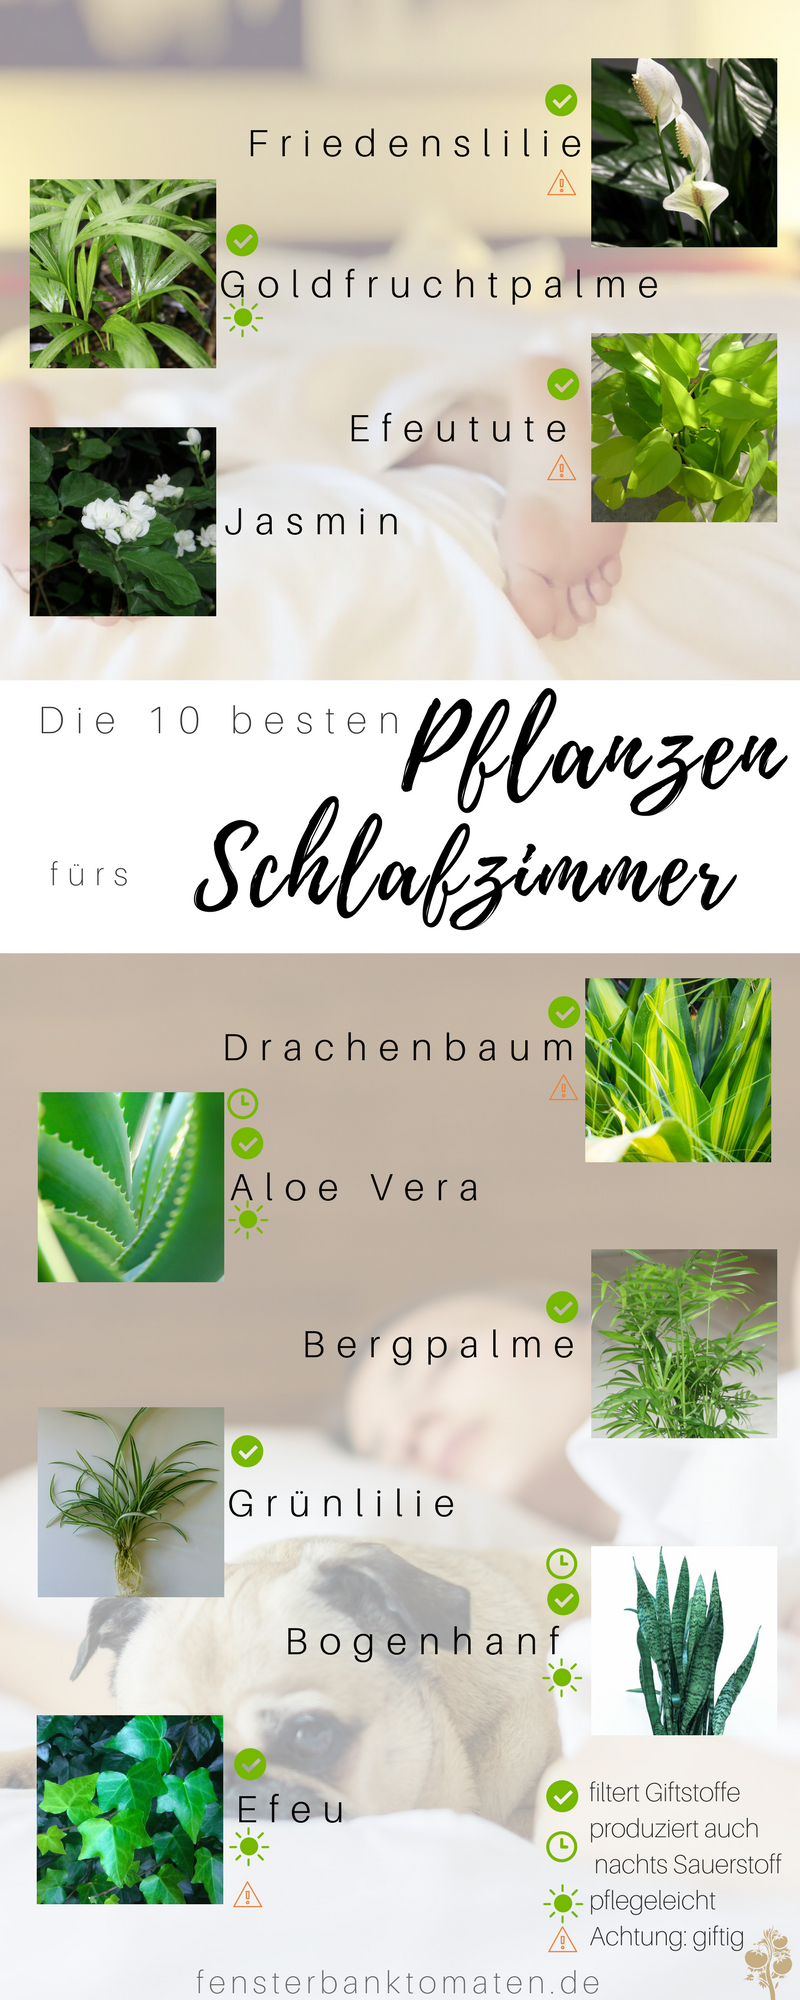 Die 10 besten Pflanzen fürs Schlafzimmer - so optimierst du deinen ...